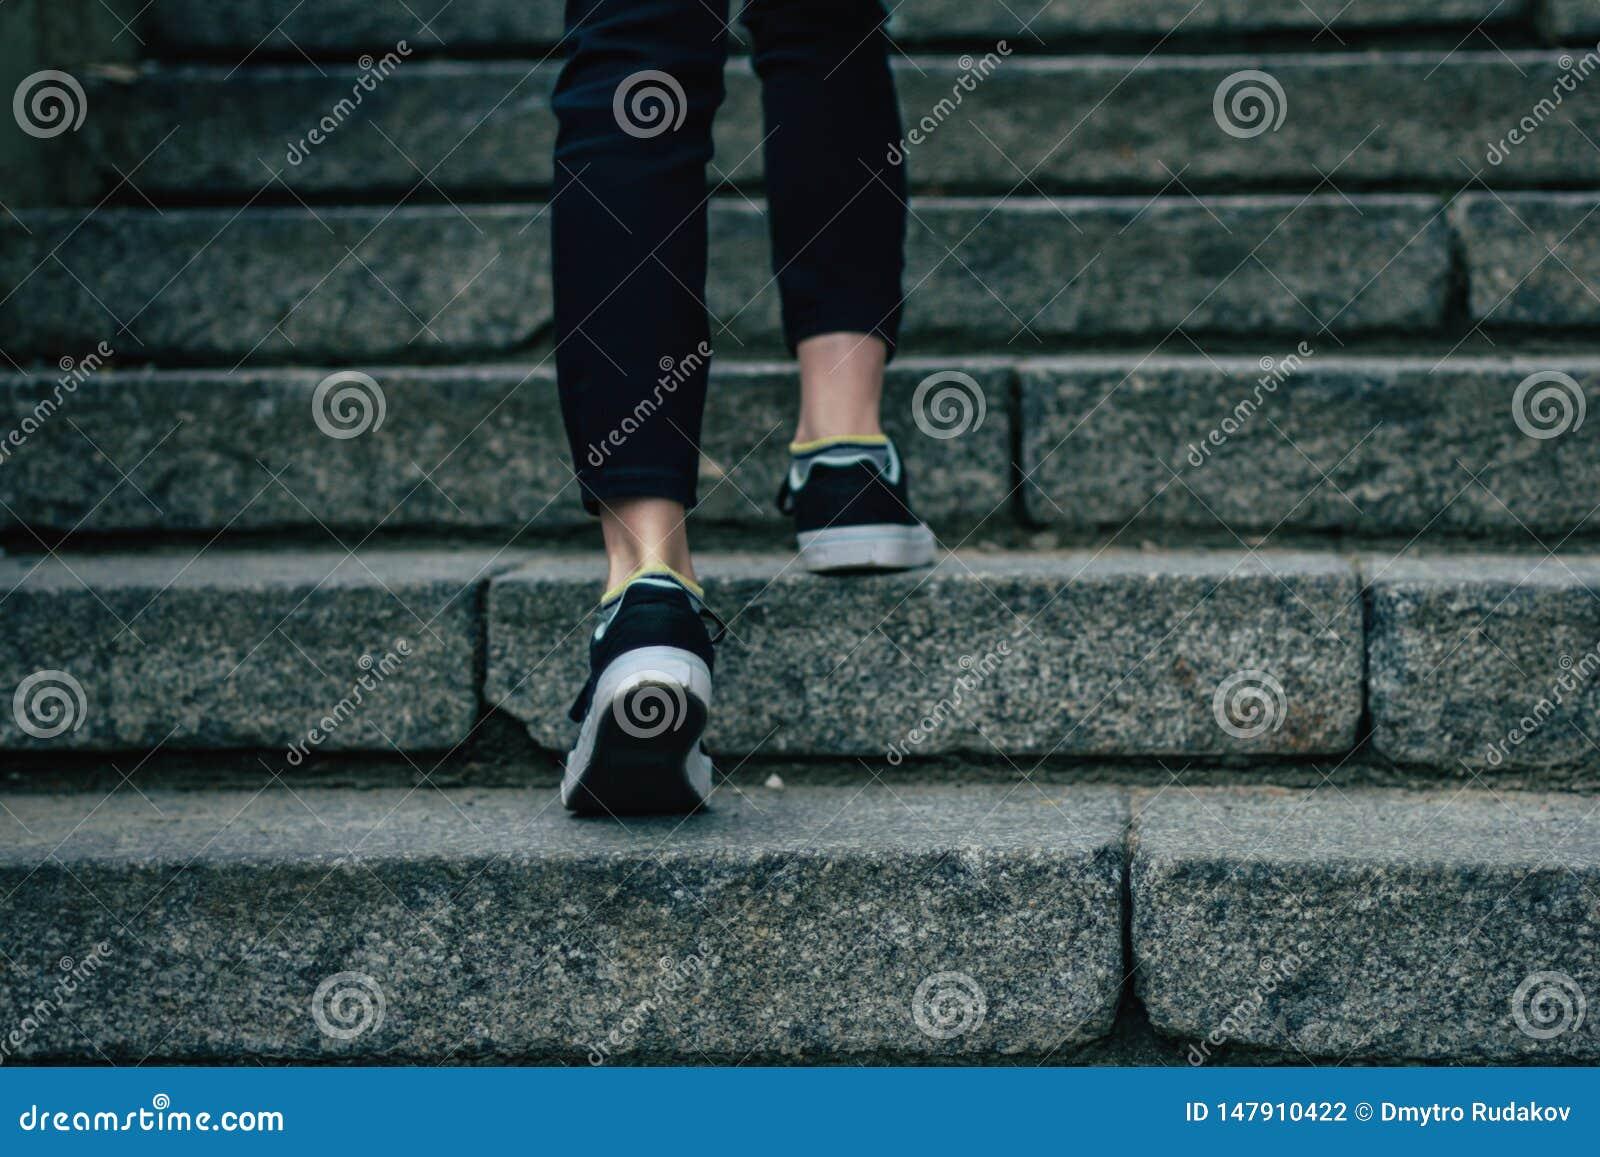 Το κορίτσι αναρριχείται στα συγκεκριμένα σκαλοπάτια